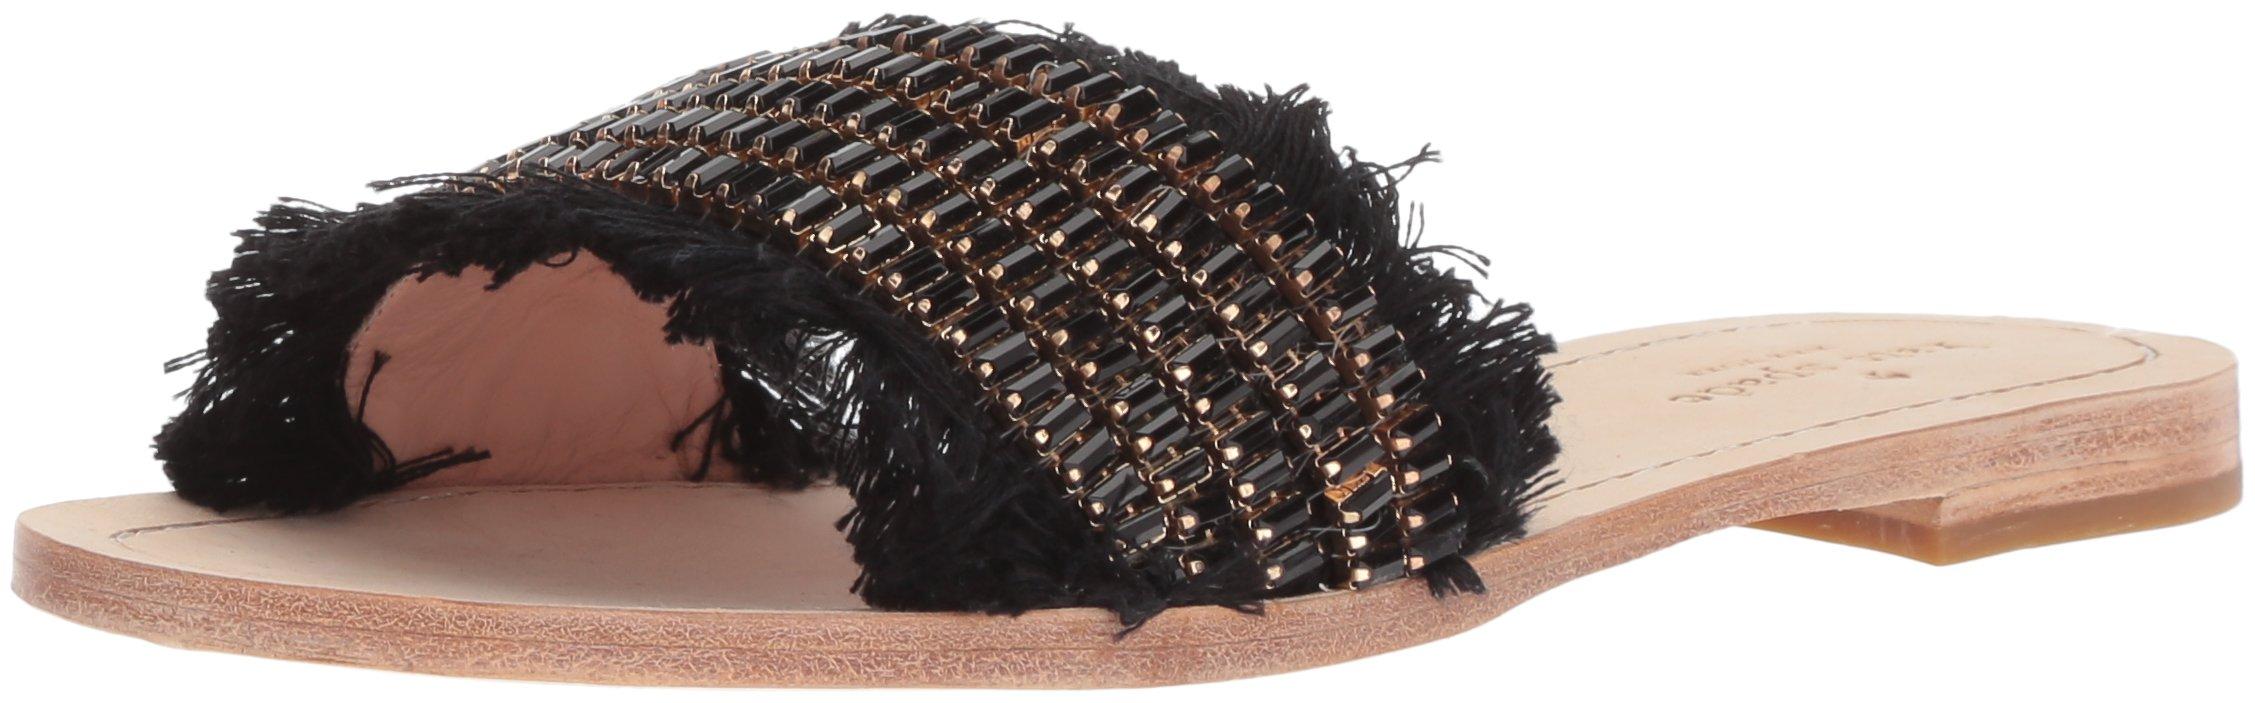 Kate Spade New York Women's Solaina Slide Sandal, Black, 9.5 M US by Kate Spade New York